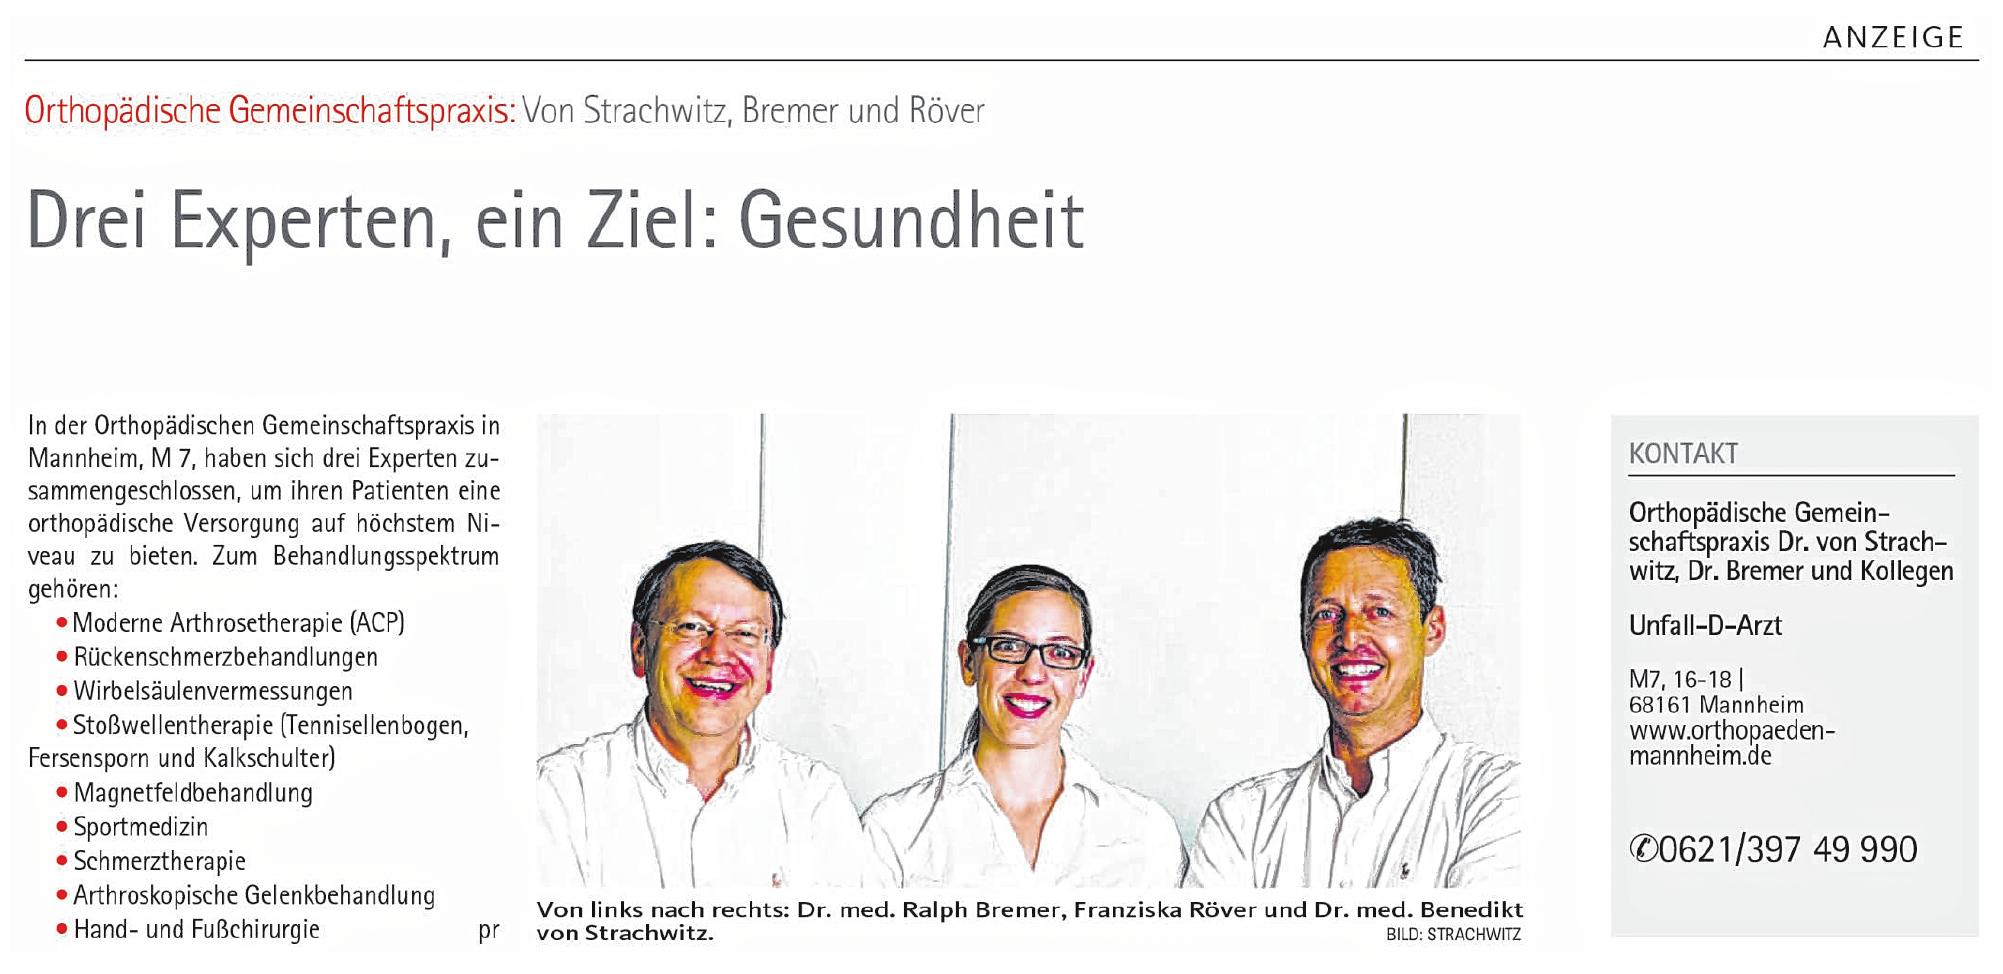 Orthopädische Gemeinschaftspraxis Dr. med. Benedikt Graf von Strachwitz Dr. med. Ralph Bremer & Kollegen